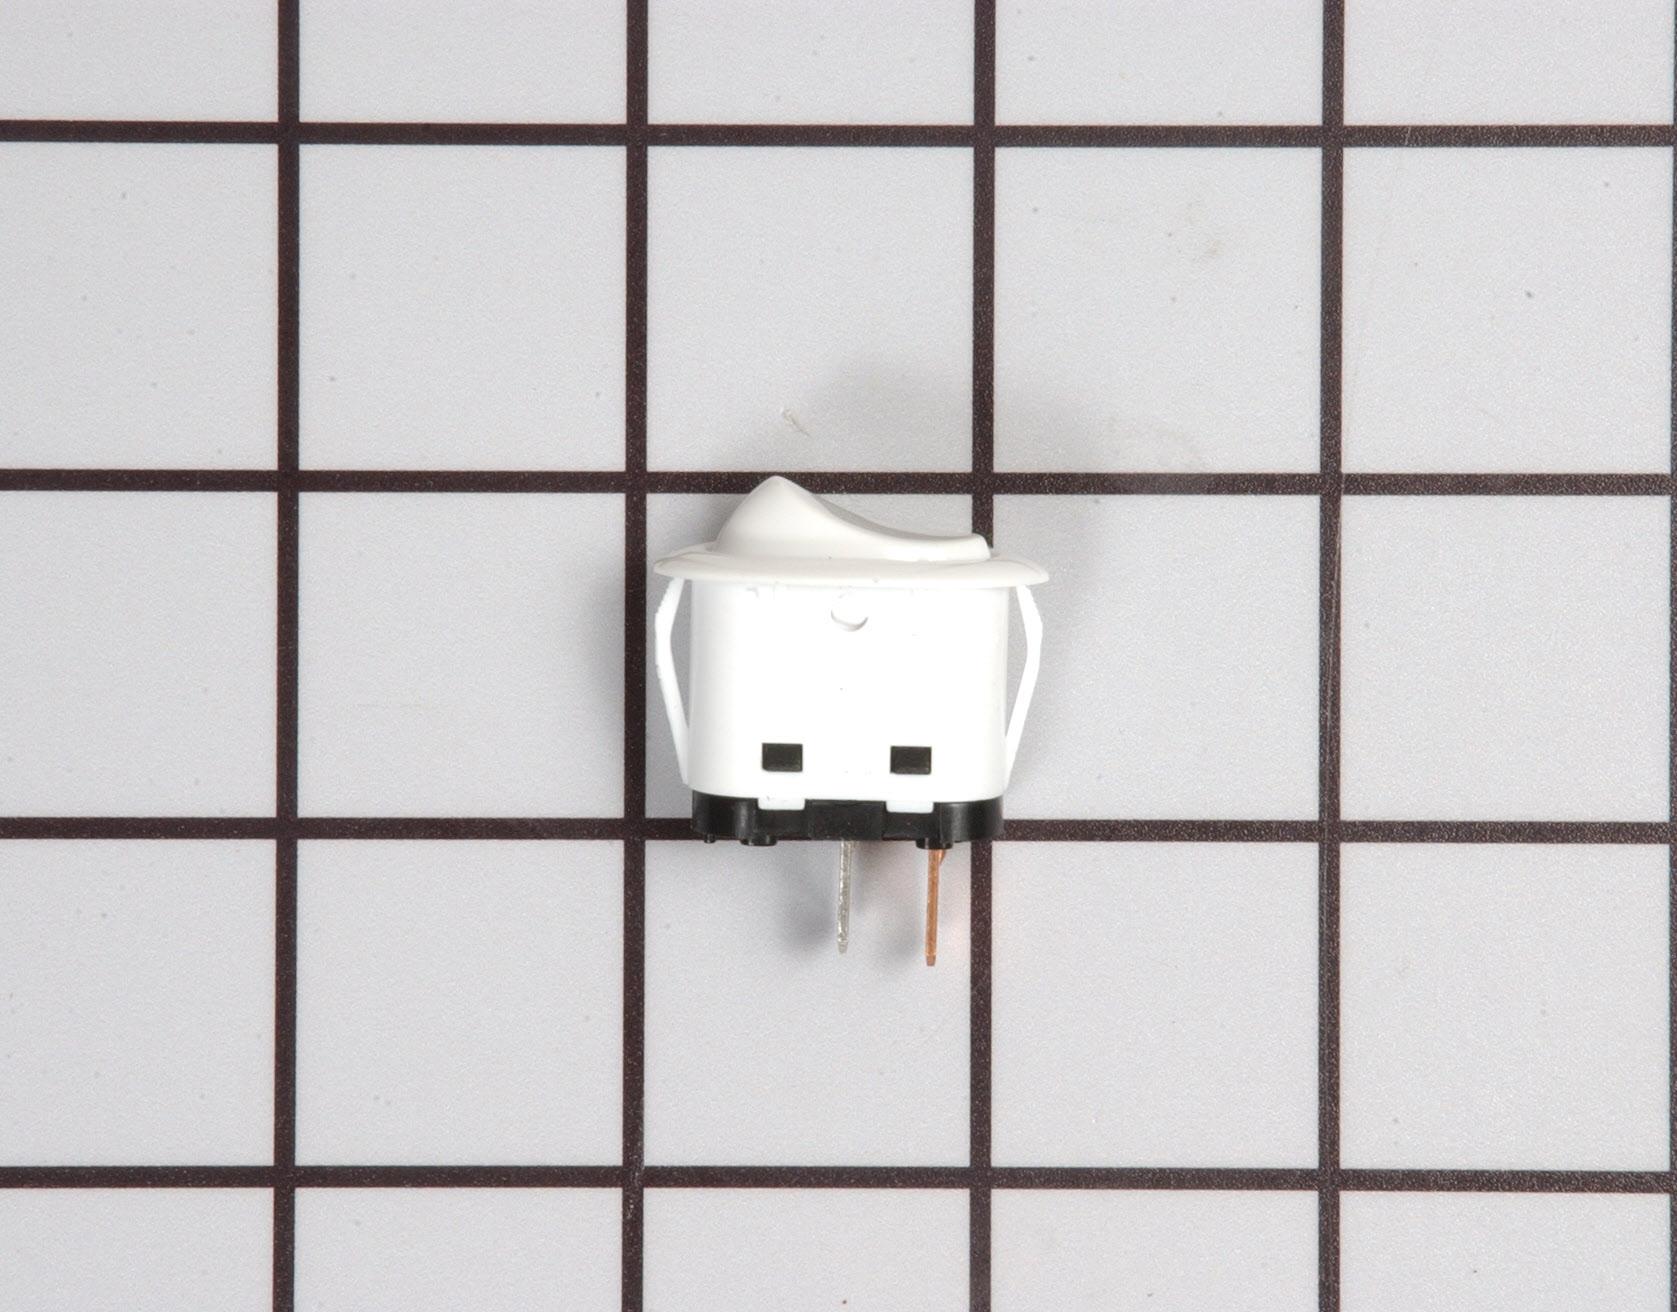 WP74010226 Crosley Dryer Part -Rocker Switch